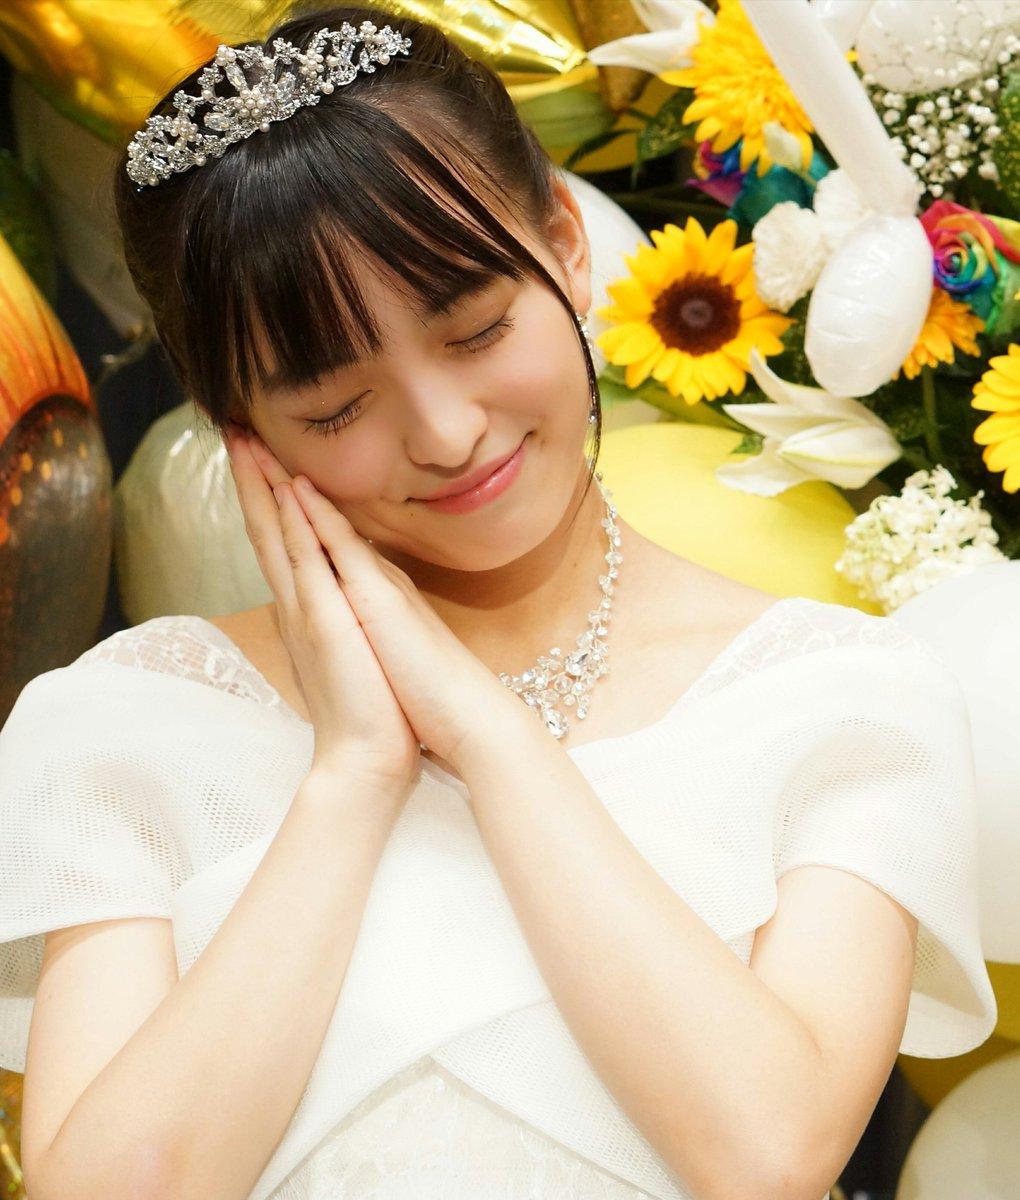 お姫様のような清井咲希